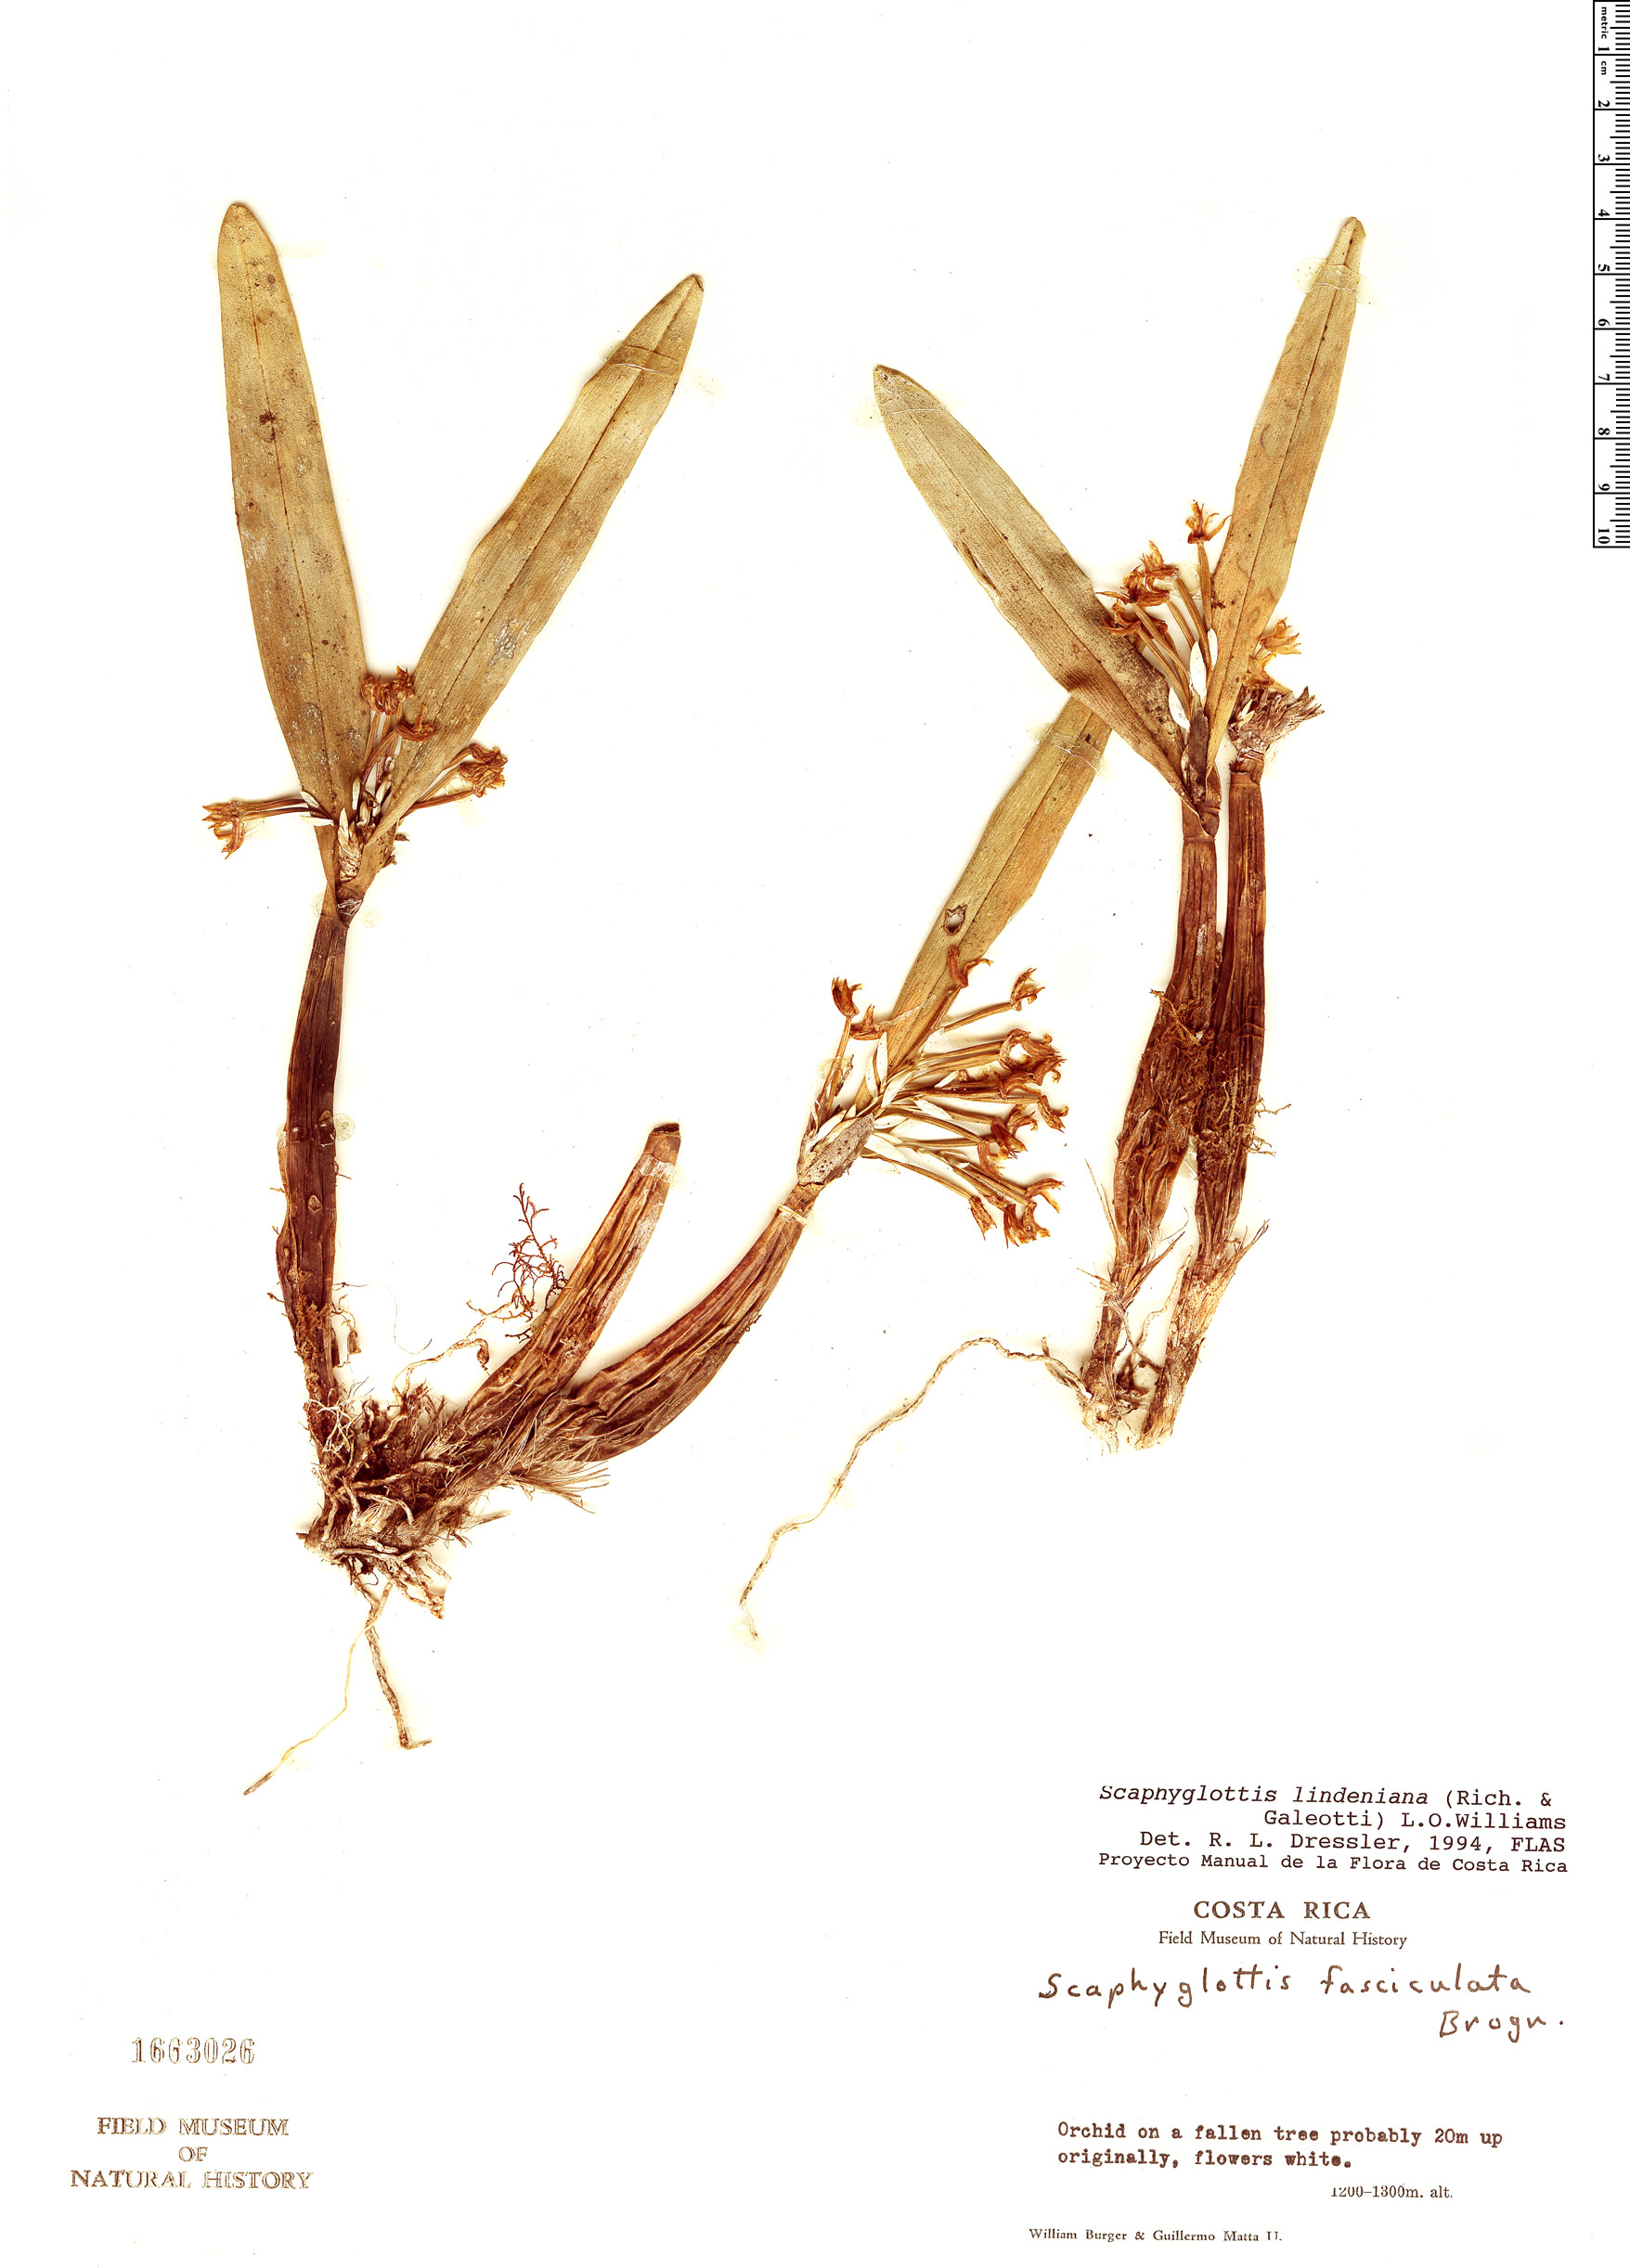 Specimen: Scaphyglottis lindeniana